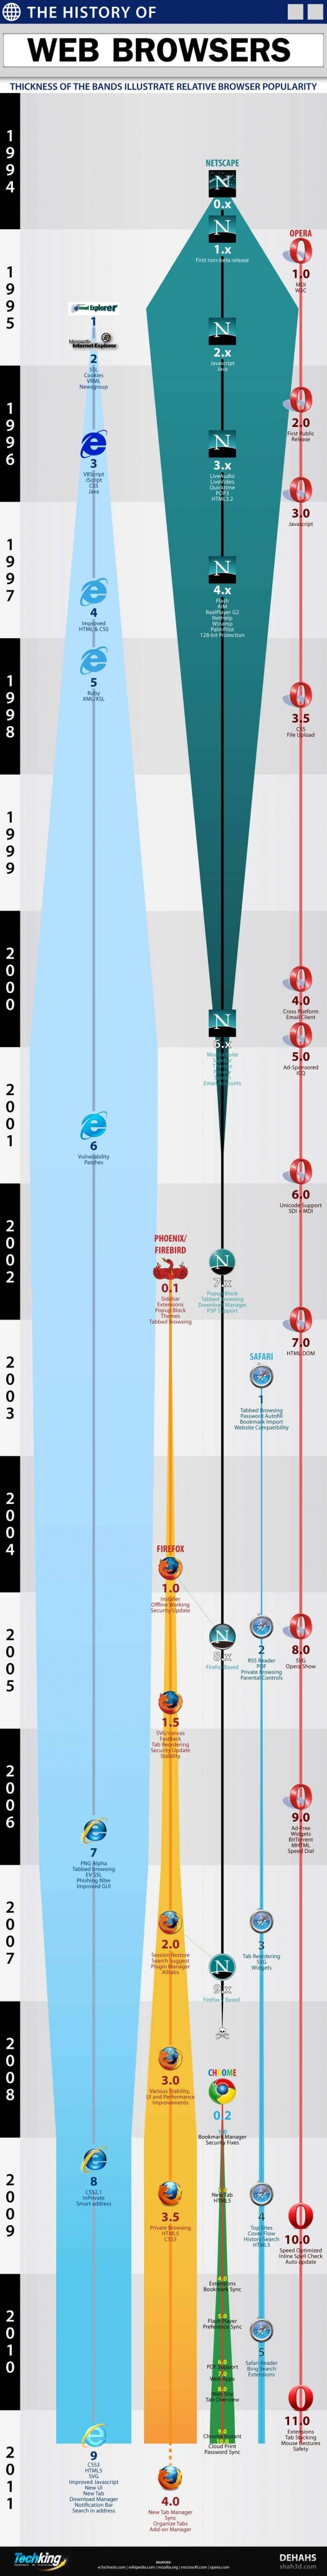 Infographie - Histoire des navigateurs internet